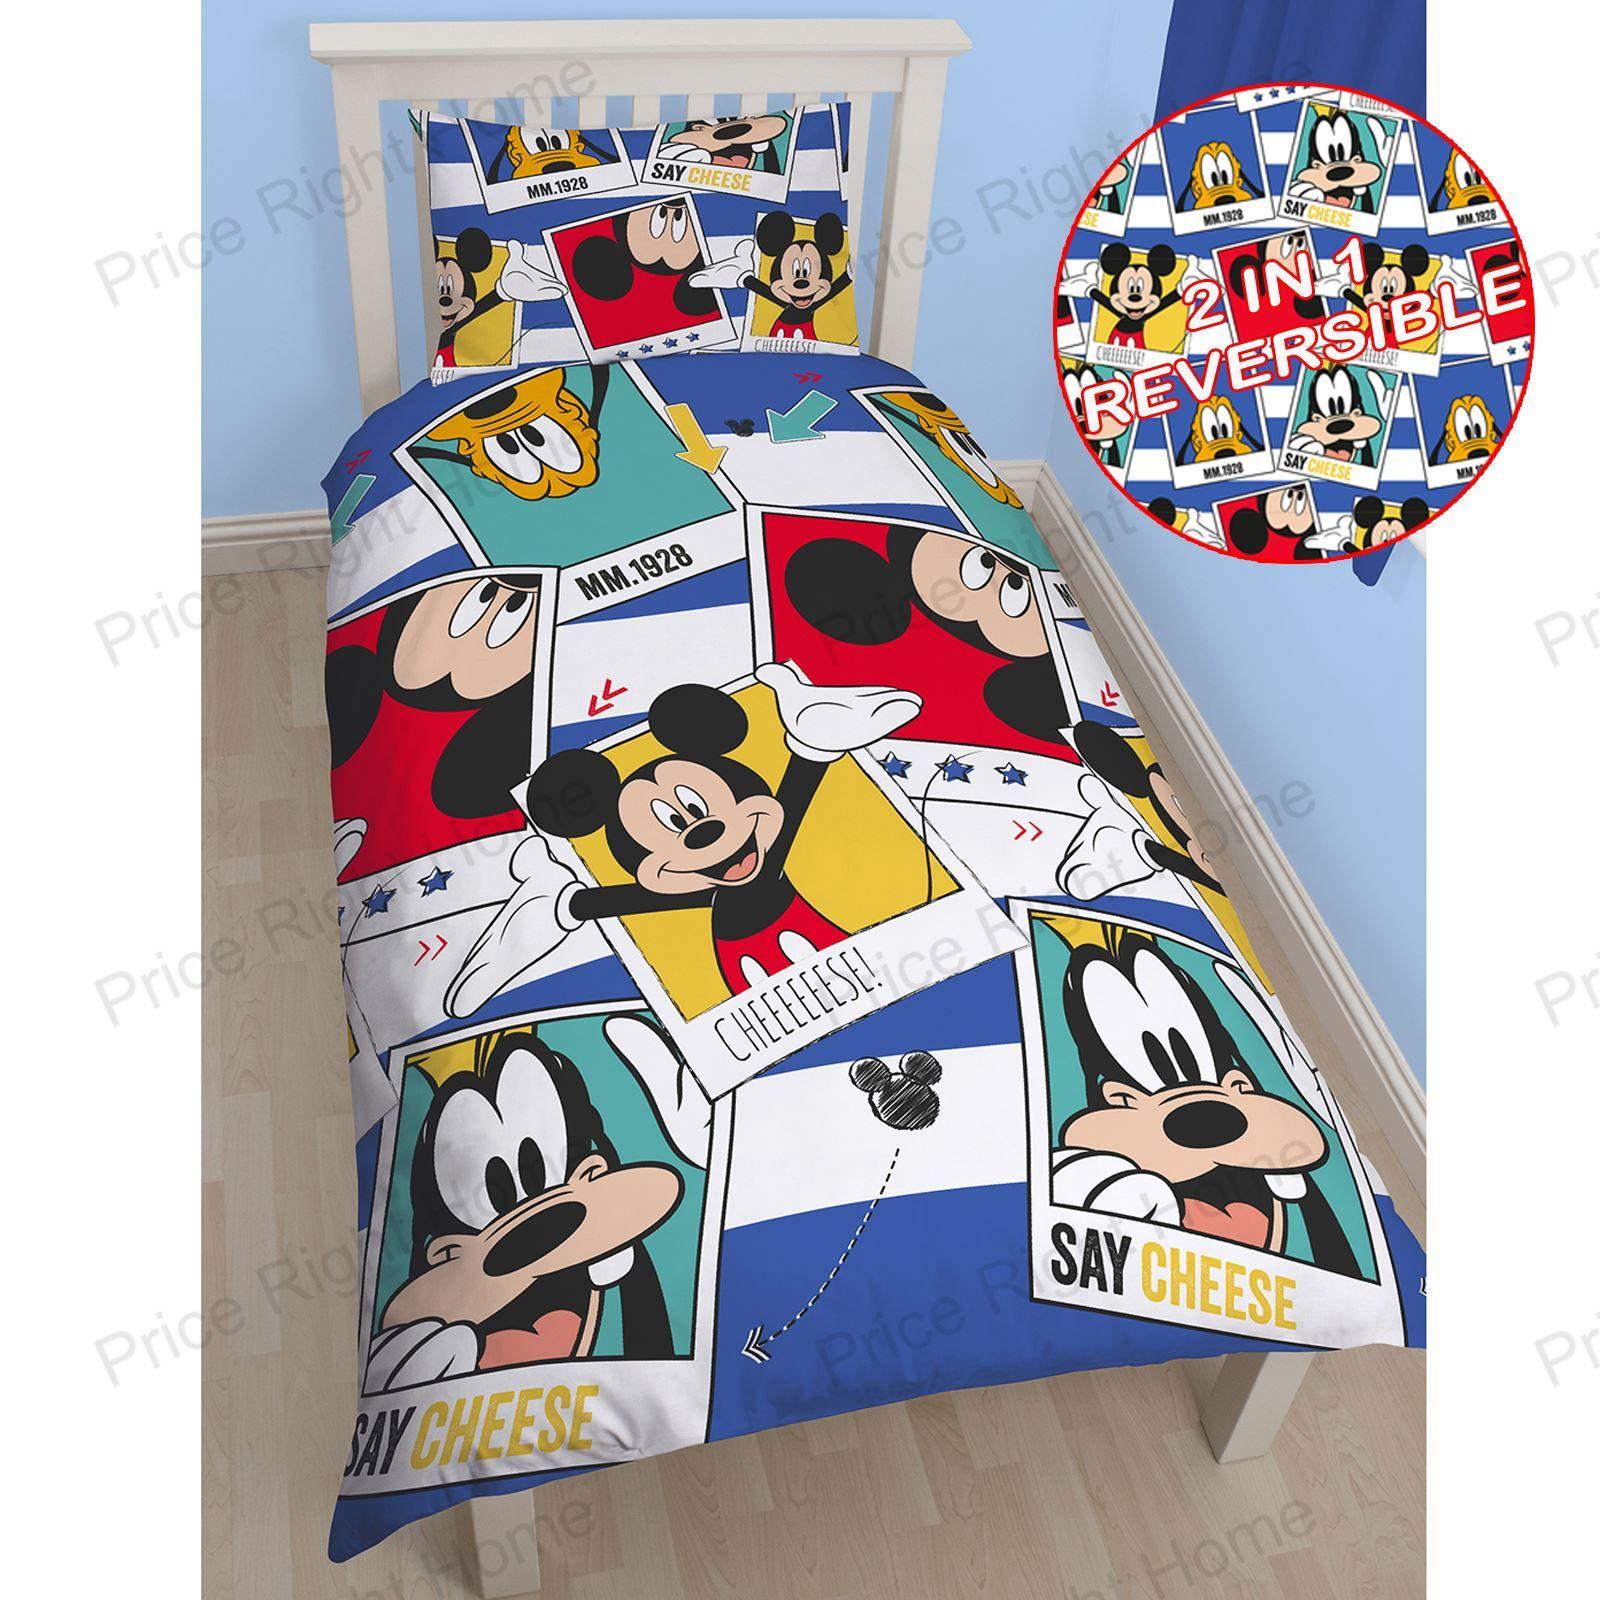 Minni Maus Bett : mickey mouse decke f r kleinkind minnie kleinkind mickey mouse bettbezug minnie maus dekoration ~ Watch28wear.com Haus und Dekorationen